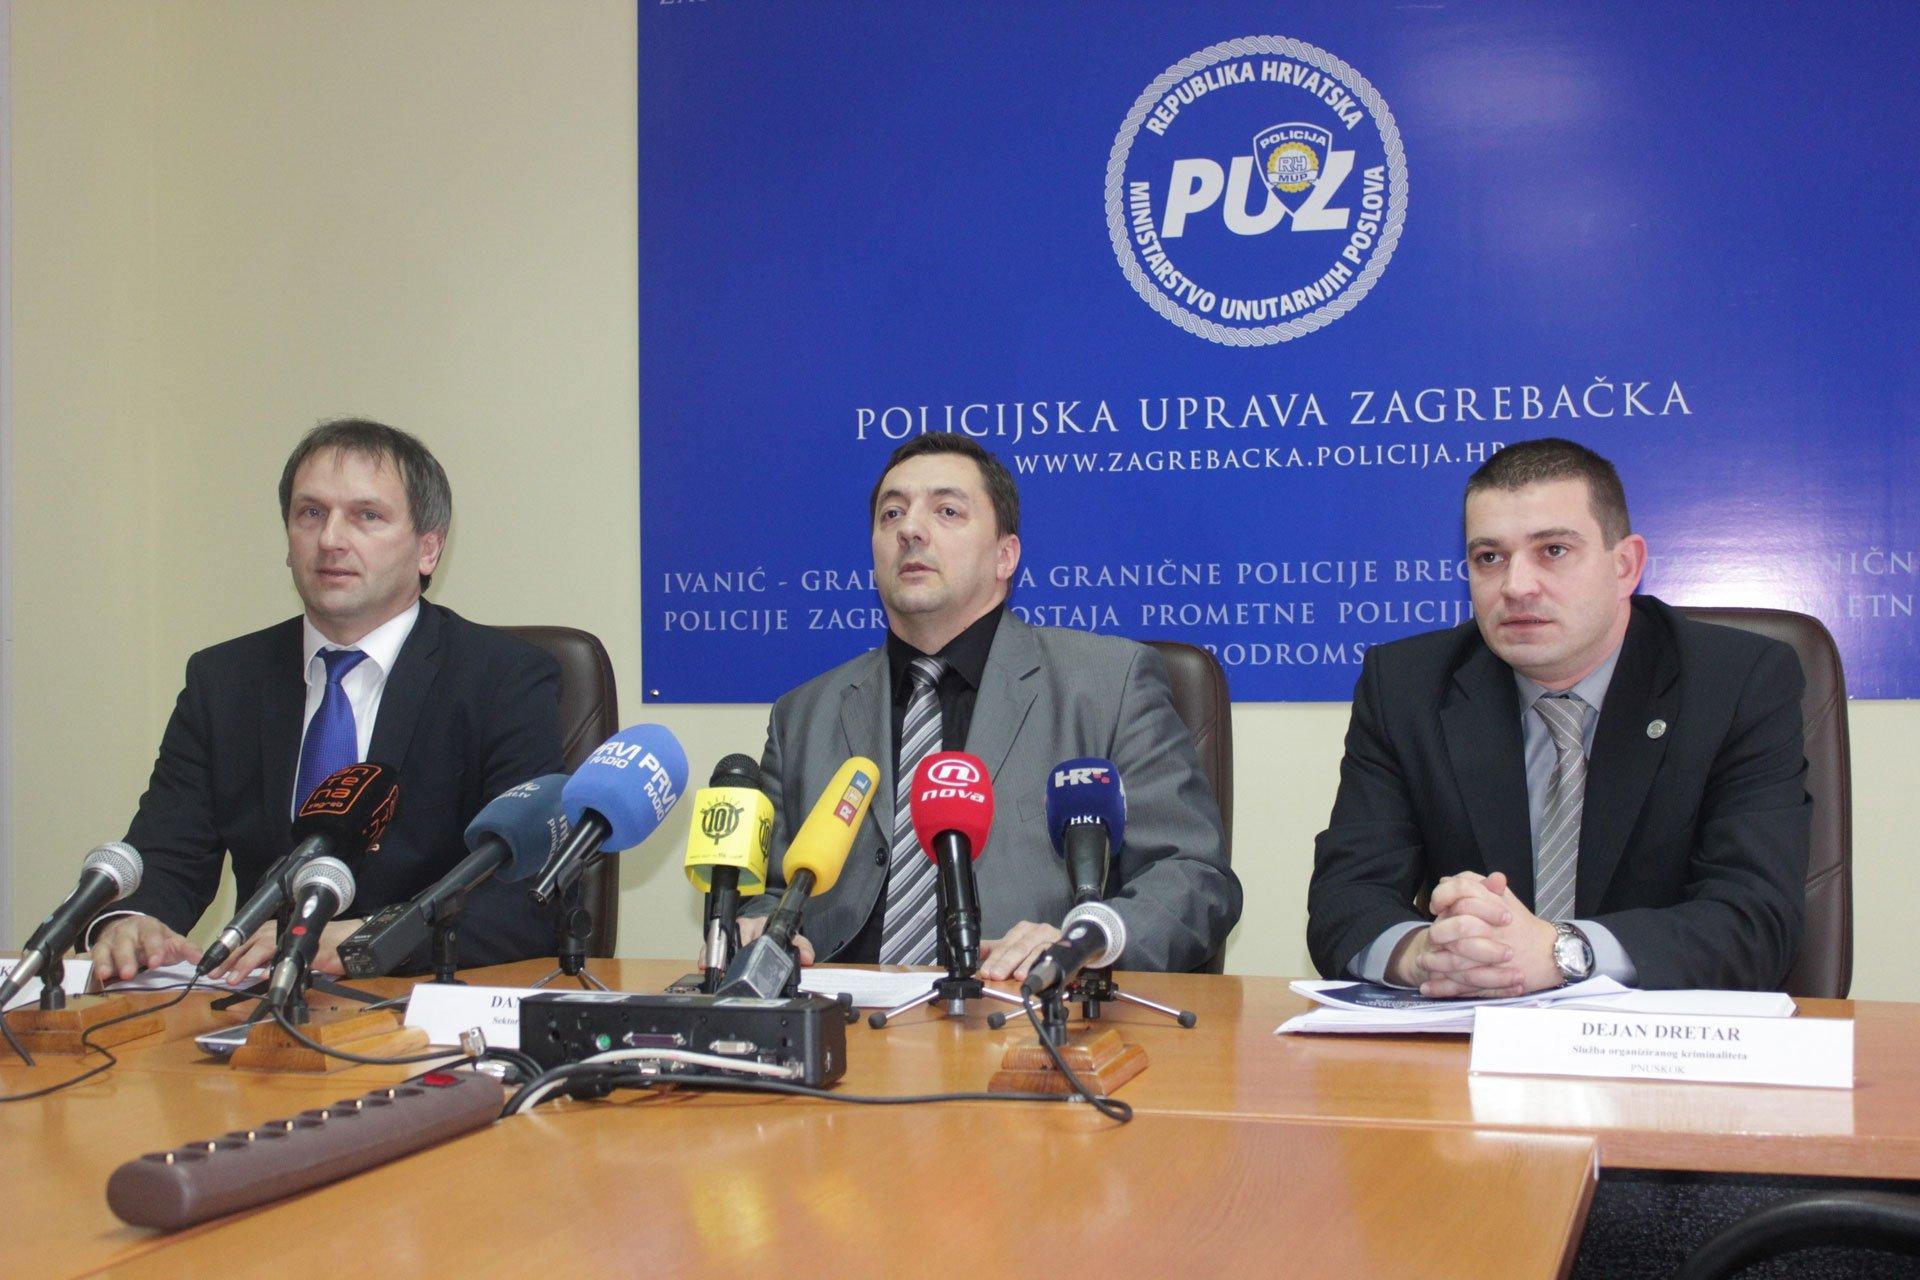 hrvatska-razbijen-medjunarodni-lanac-prostitucije-i-ilegalnog-transporta-ljudi